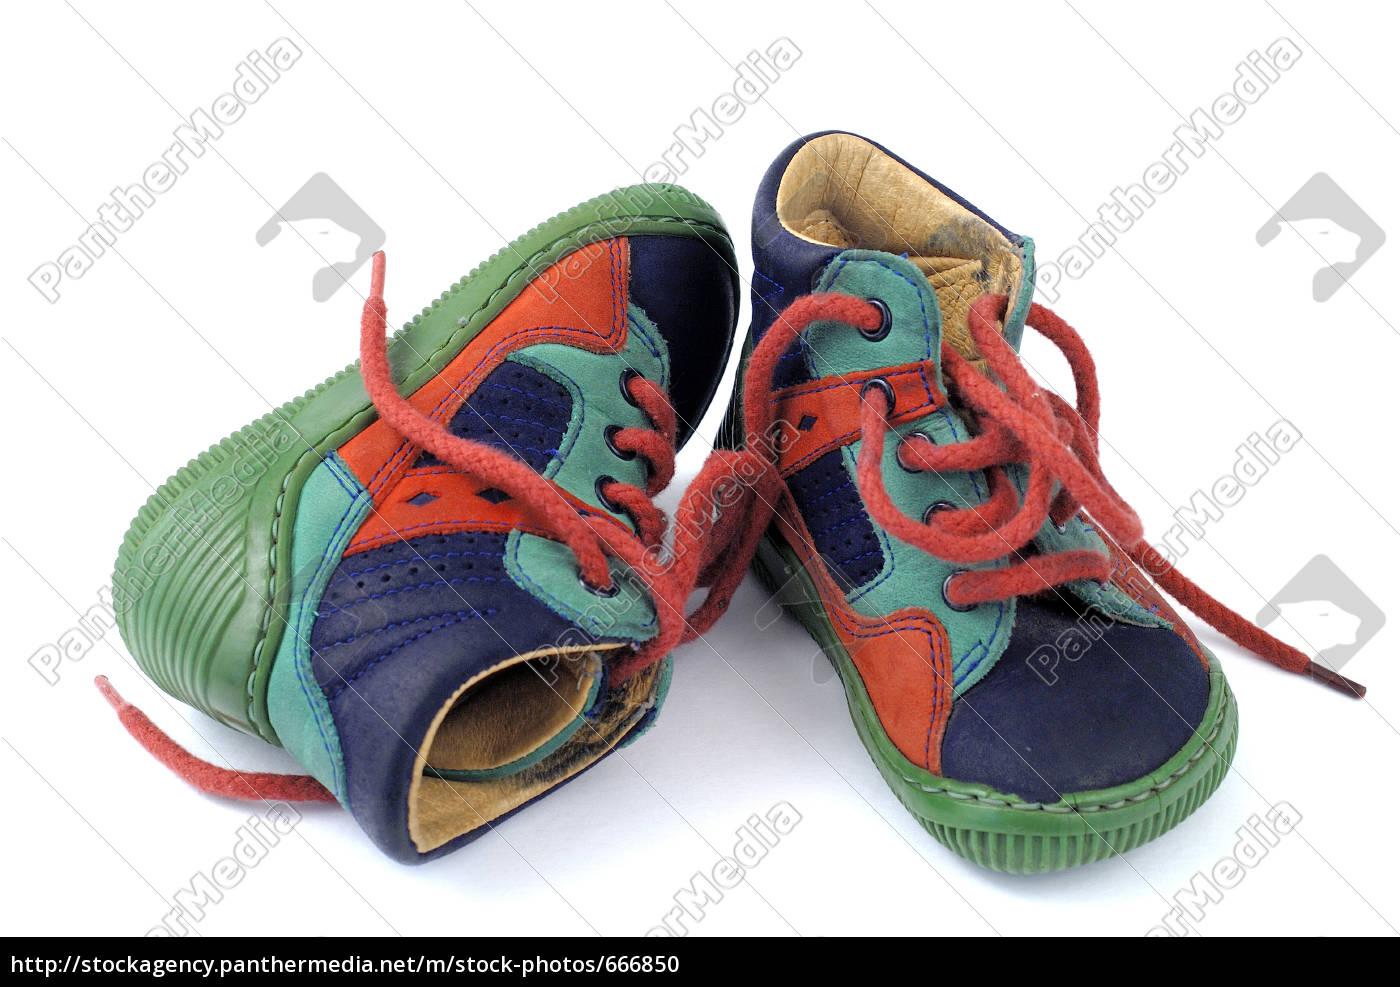 children's, shoes - 666850